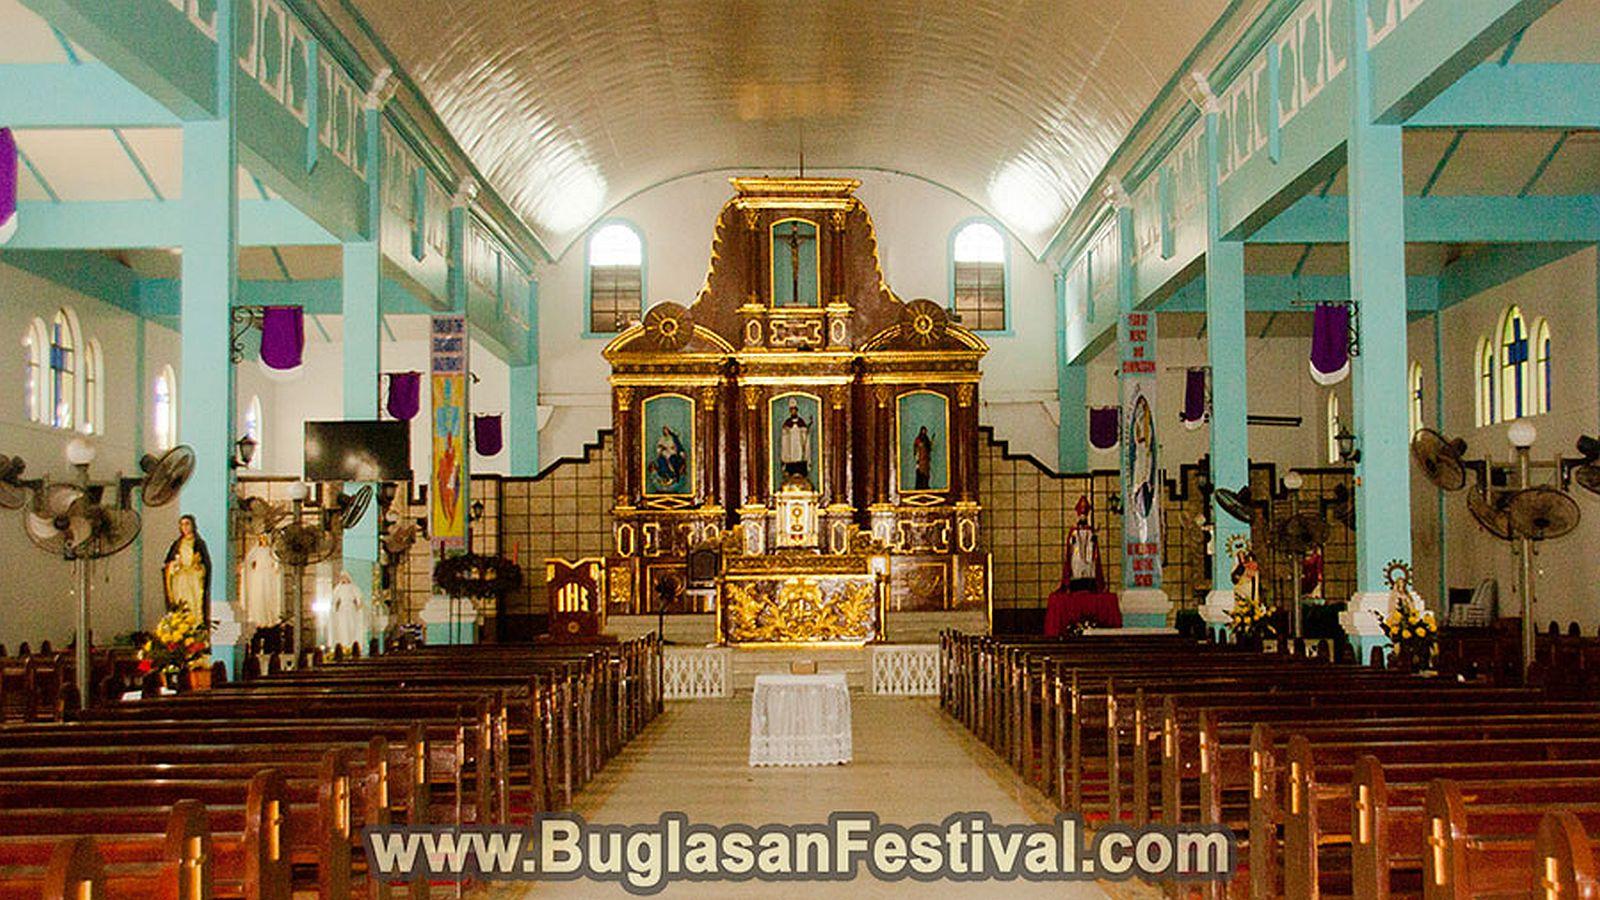 PHILIPPINEN REISEN - ORTE - NEGROS ORIENTAL - Touristische Beschreibung für den Ort Siation